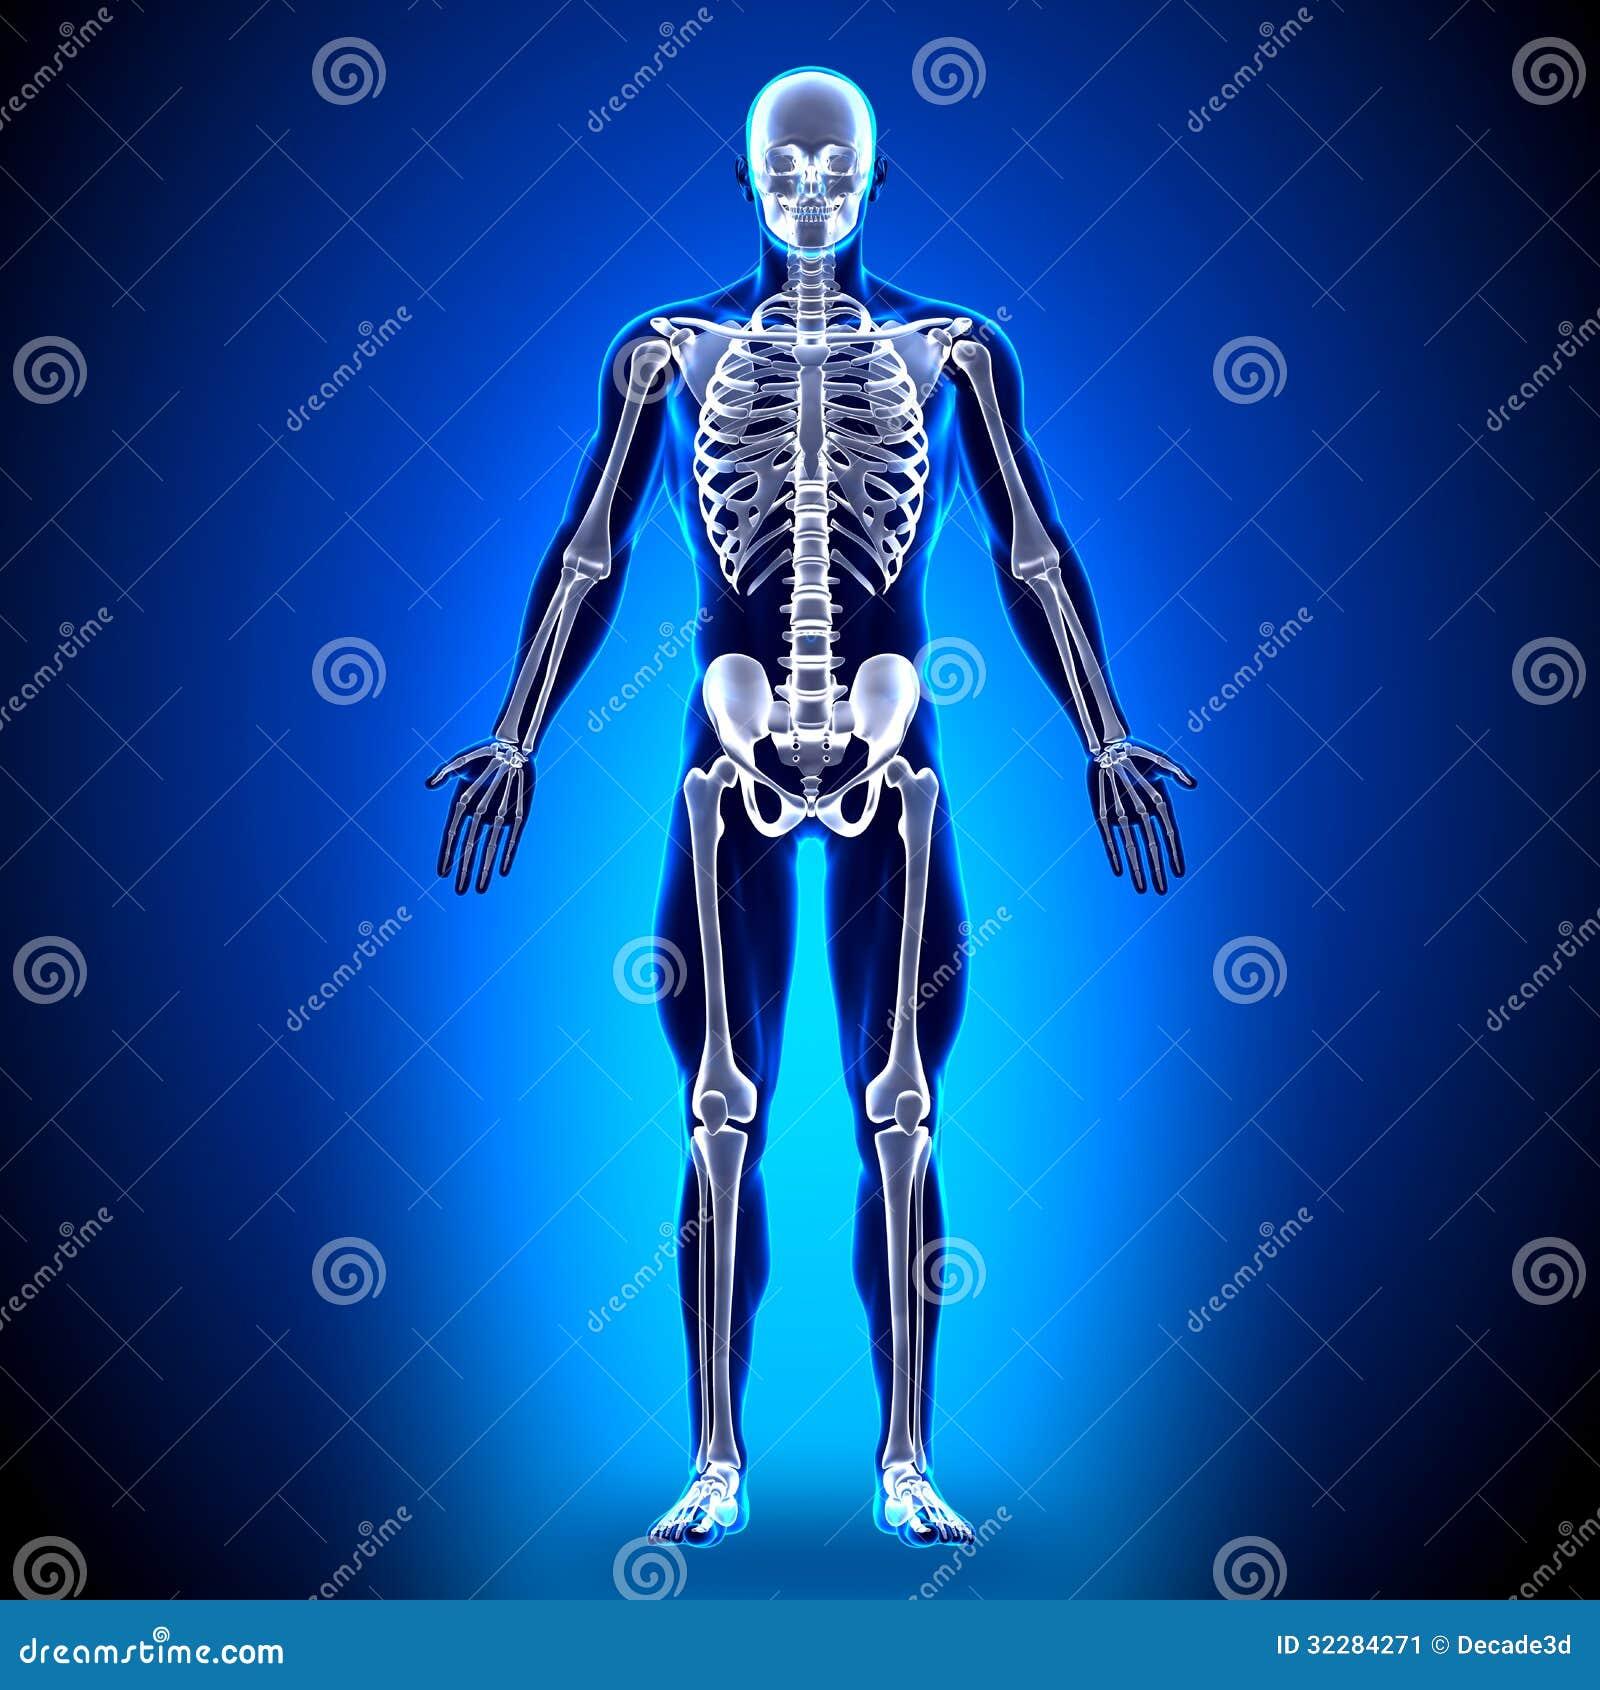 Skelett - Anatomie-Knochen stock abbildung. Illustration von rippe ...